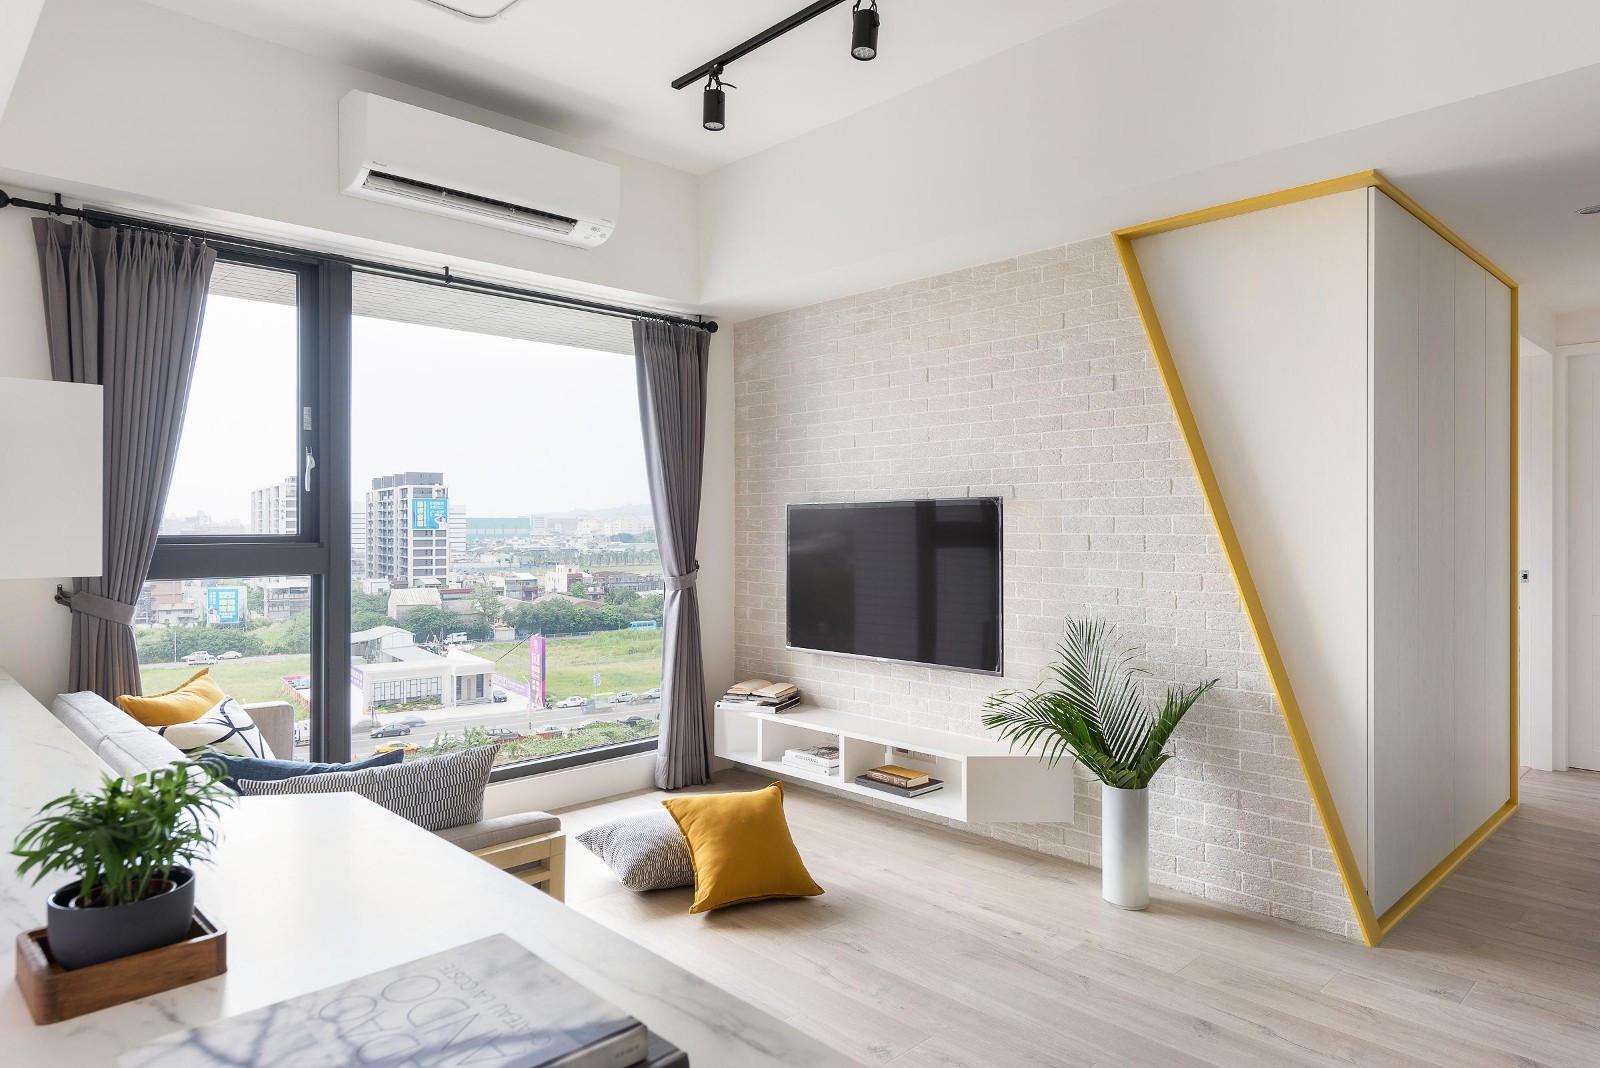 110平米的房子这样装修面积大了1倍,装修只花7万元!